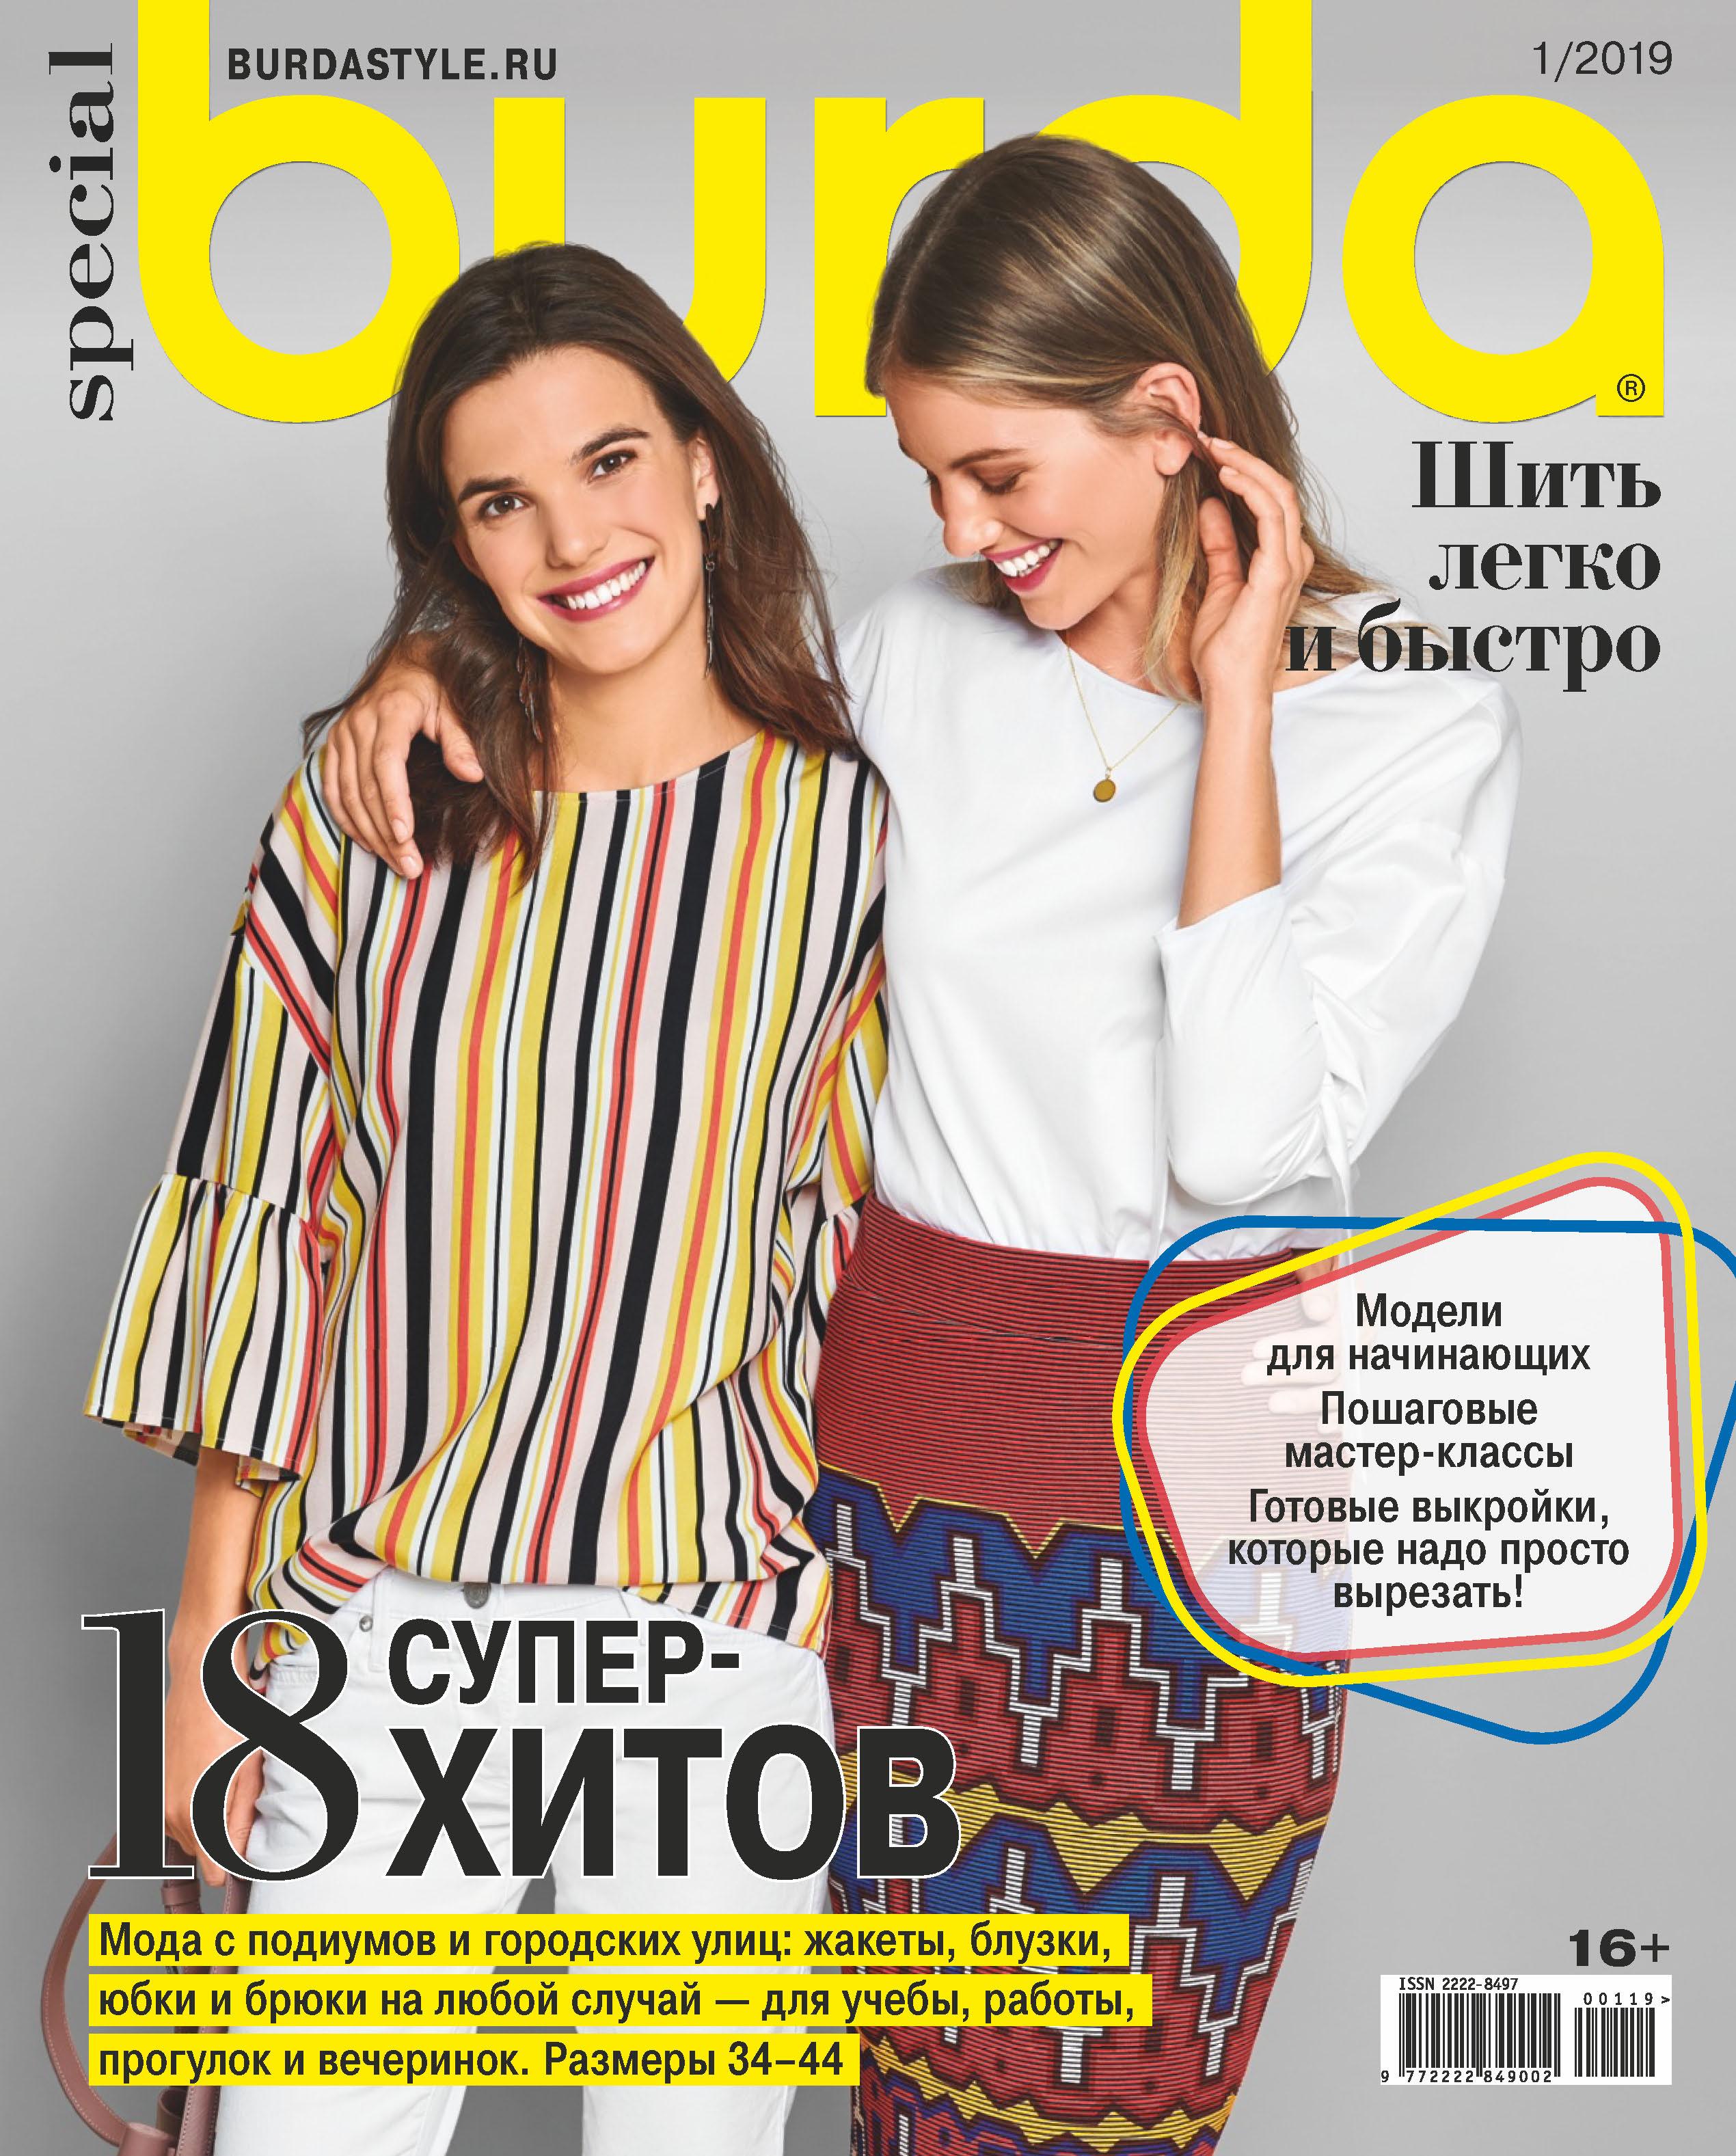 Burda Special №01/2019